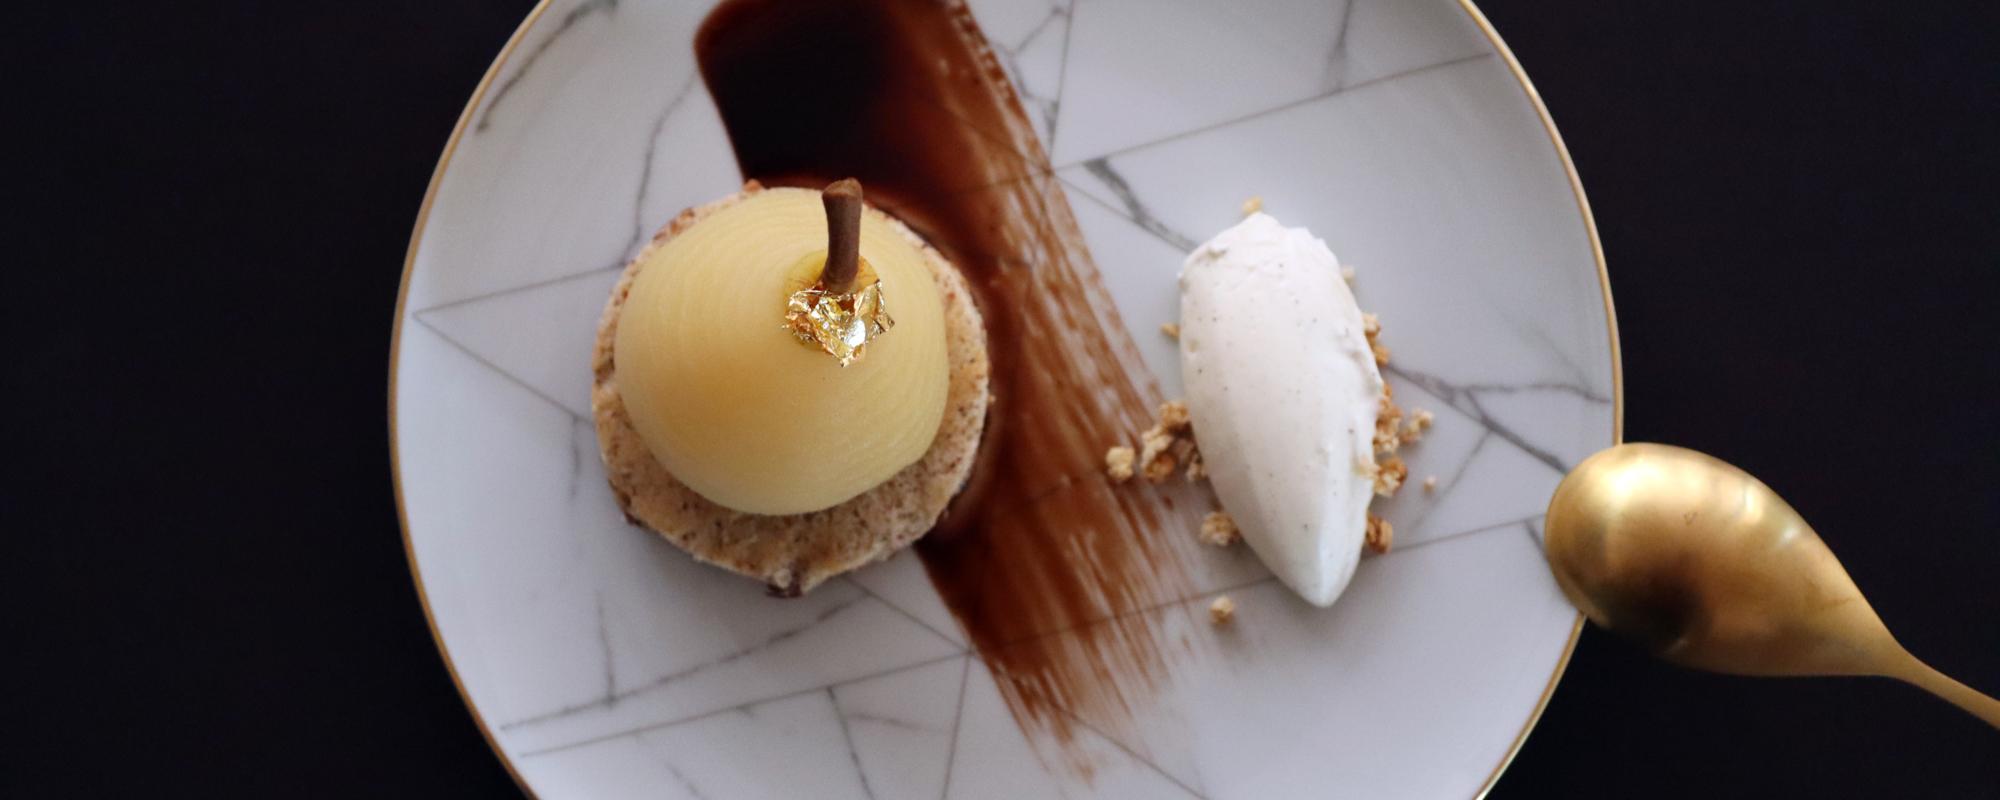 dessert a lassiette